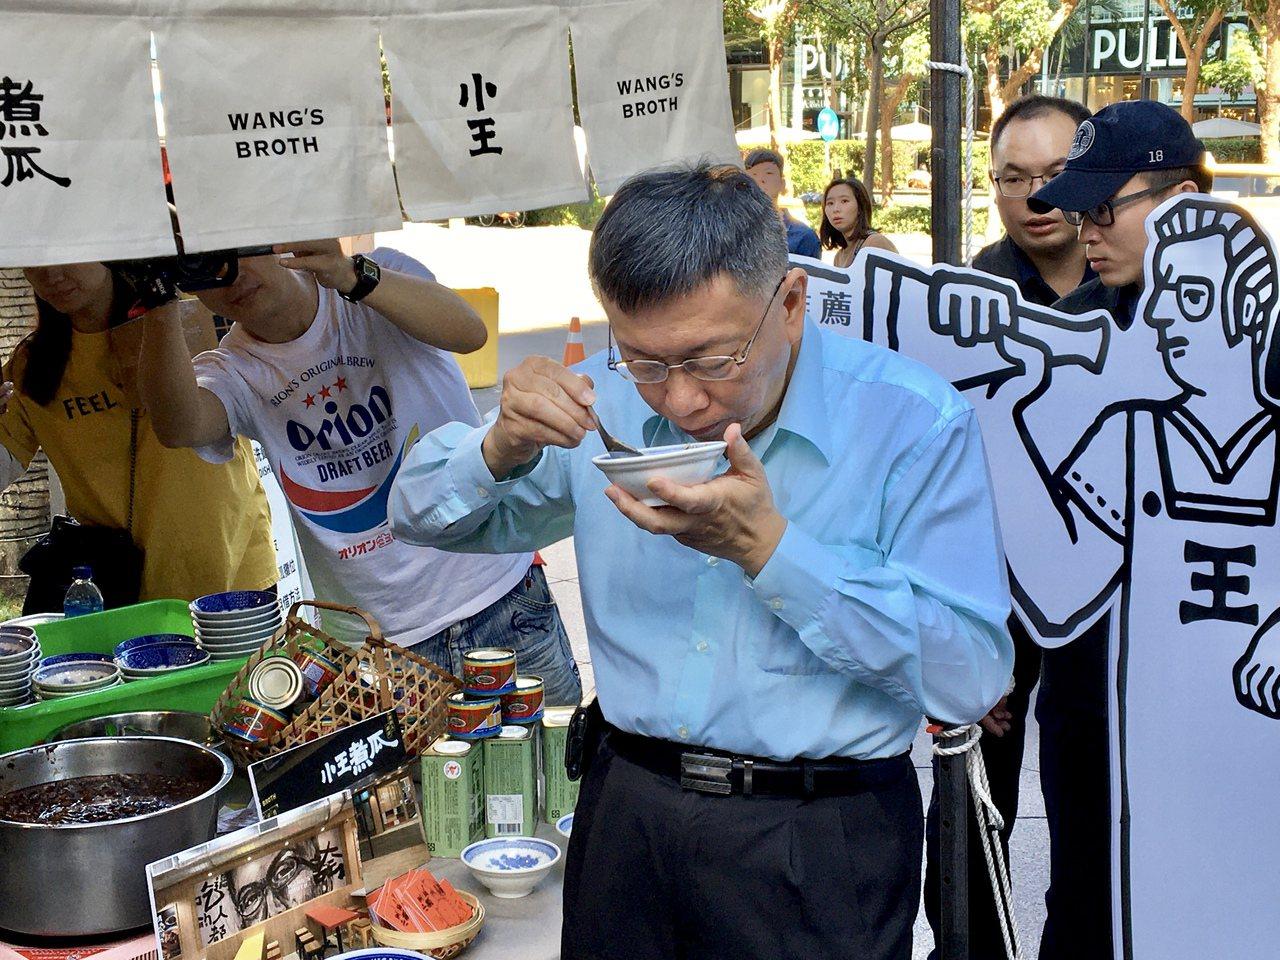 台北市长柯文哲下午出席「台北造起来市民同乐会」,与各辅导店家互动交流,品尝摊商的...